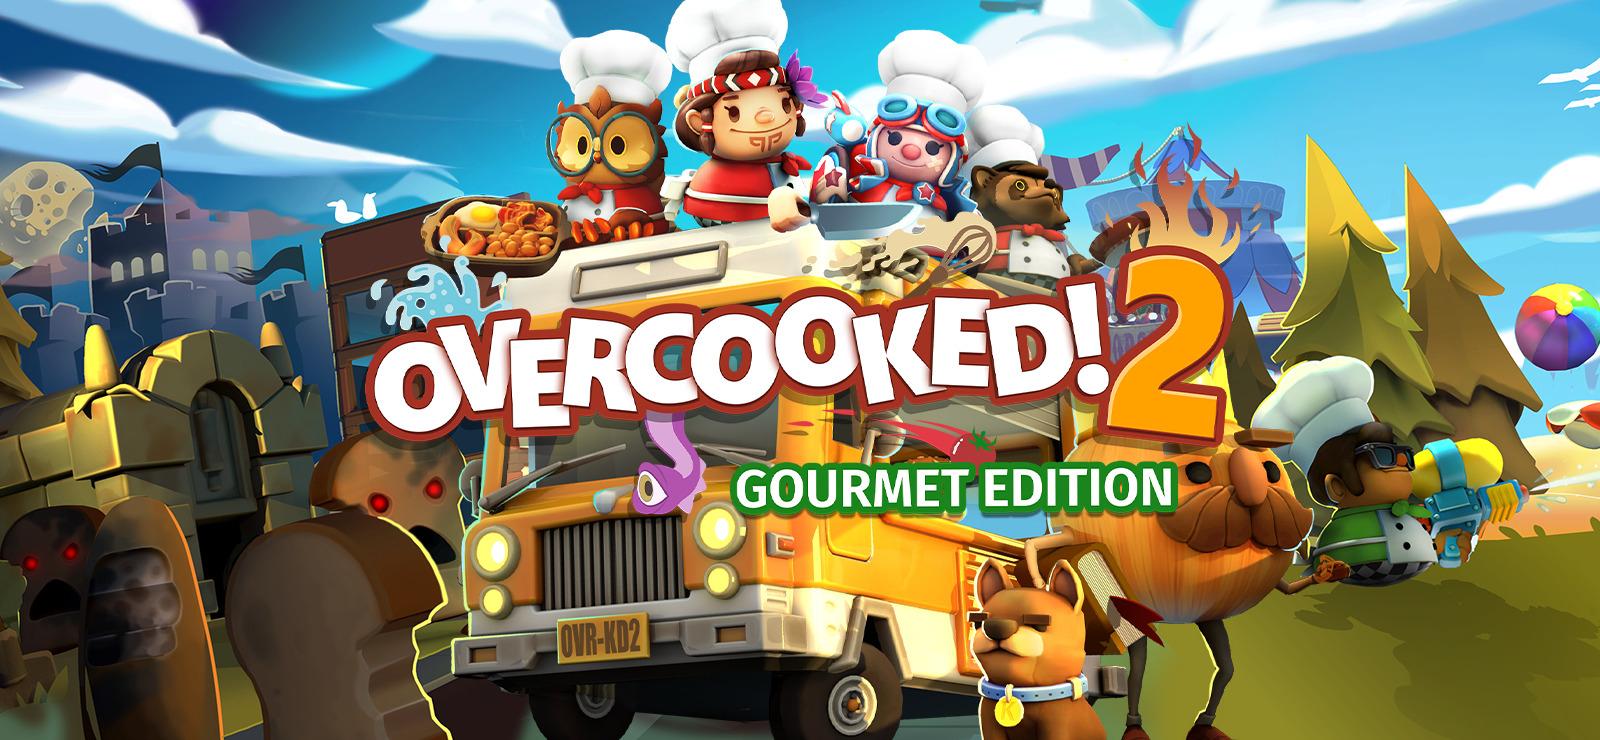 Jeu Overcooked! 2 - Gourmet Edition sur PC (Dématérialisé - GOG - via VPN Russe)